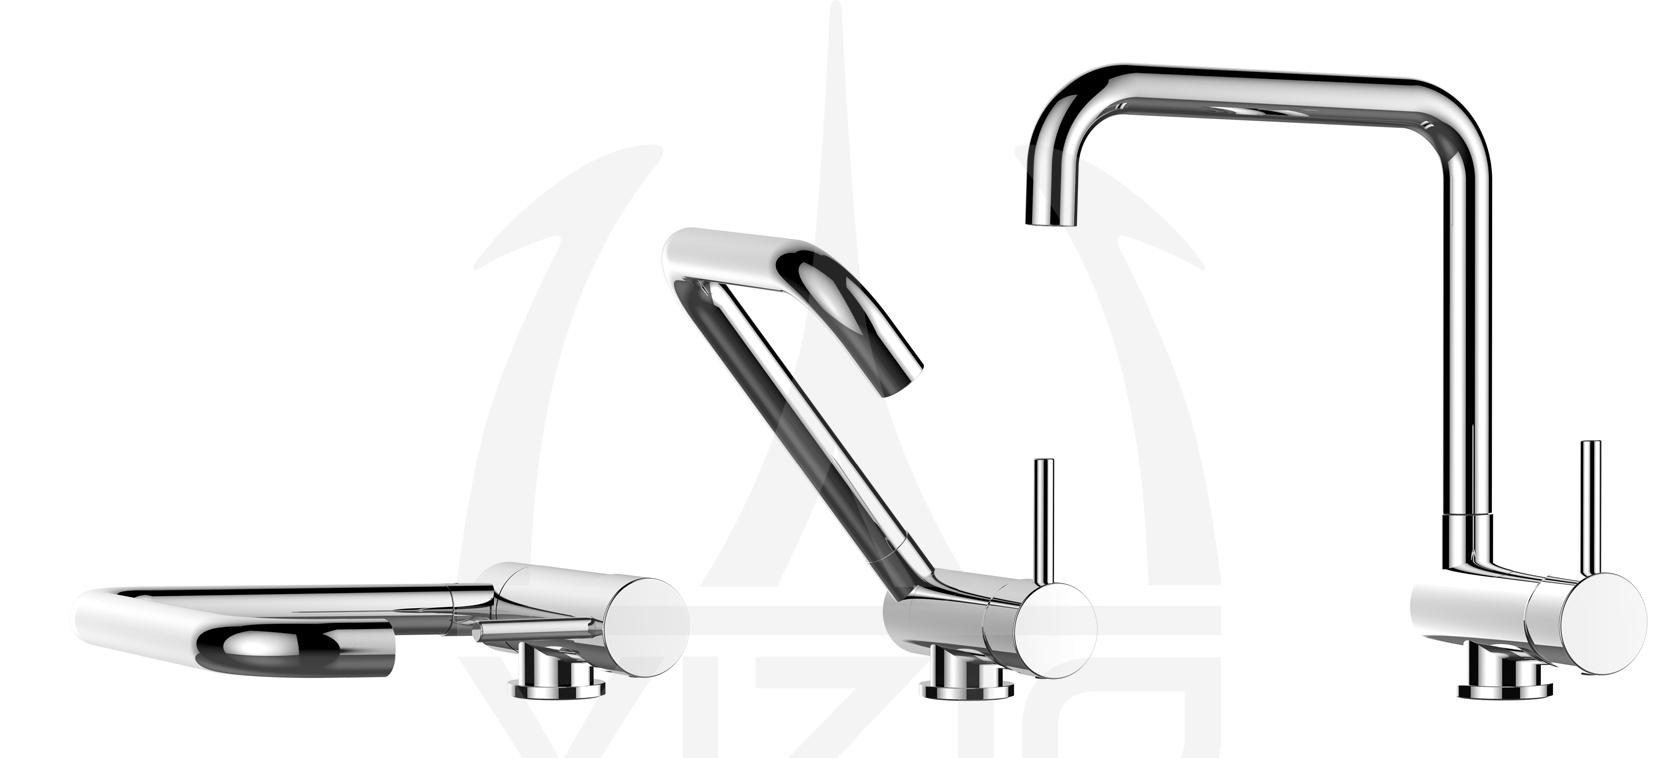 Full Size of Wasserhahn Küche Demontieren Wasserhahn Küche Für Durchlauferhitzer Wasserhahn Küche Installieren Wasserhahn Küche Reinigen Küche Wasserhahn Küche